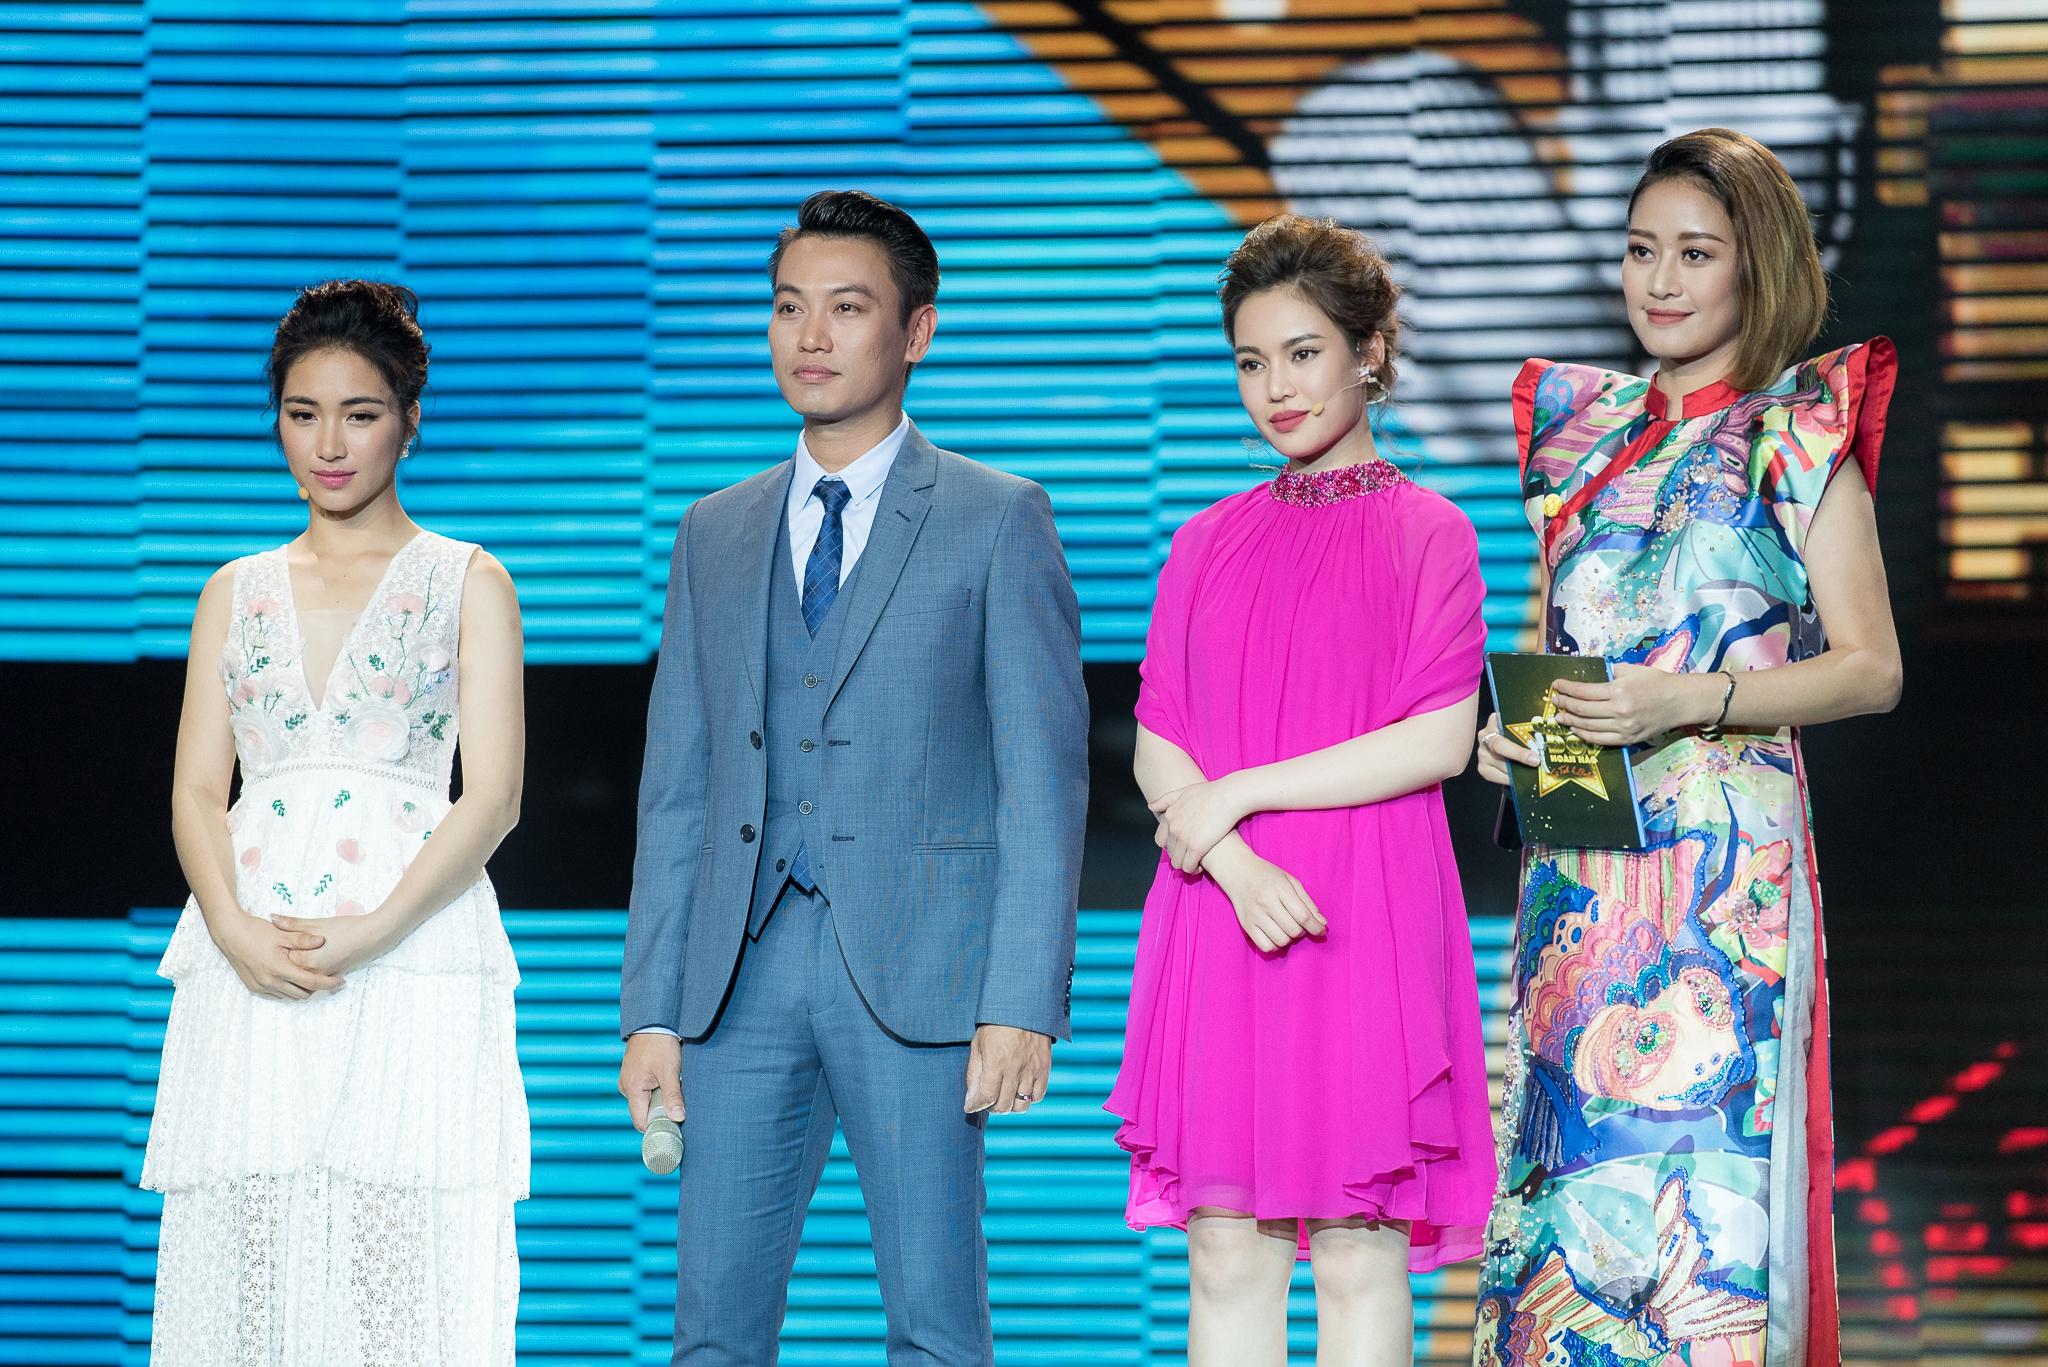 Hòa Minzy thất bại khi giành giật soái ca Bolero với Giang Hồng Ngọc 5